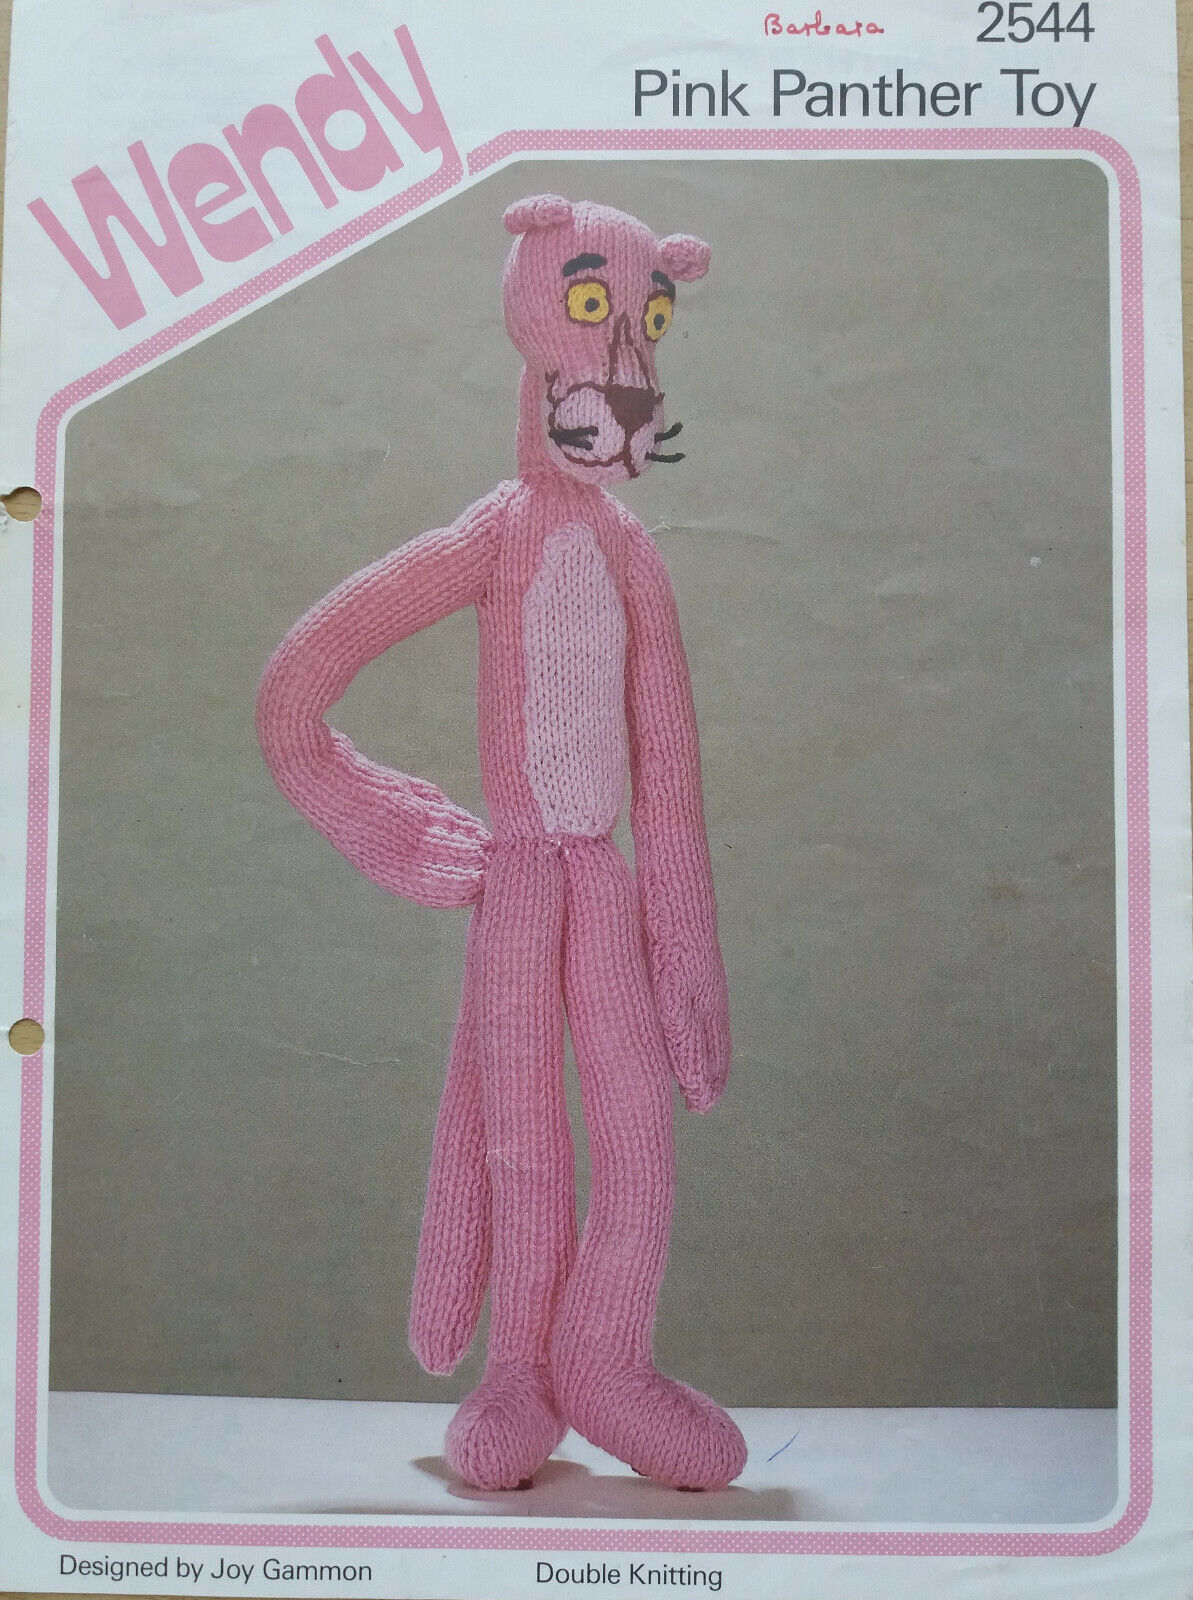 Pink Panther Amigurumi - Free crochet pattern by Edward Yong ... | 1600x1193